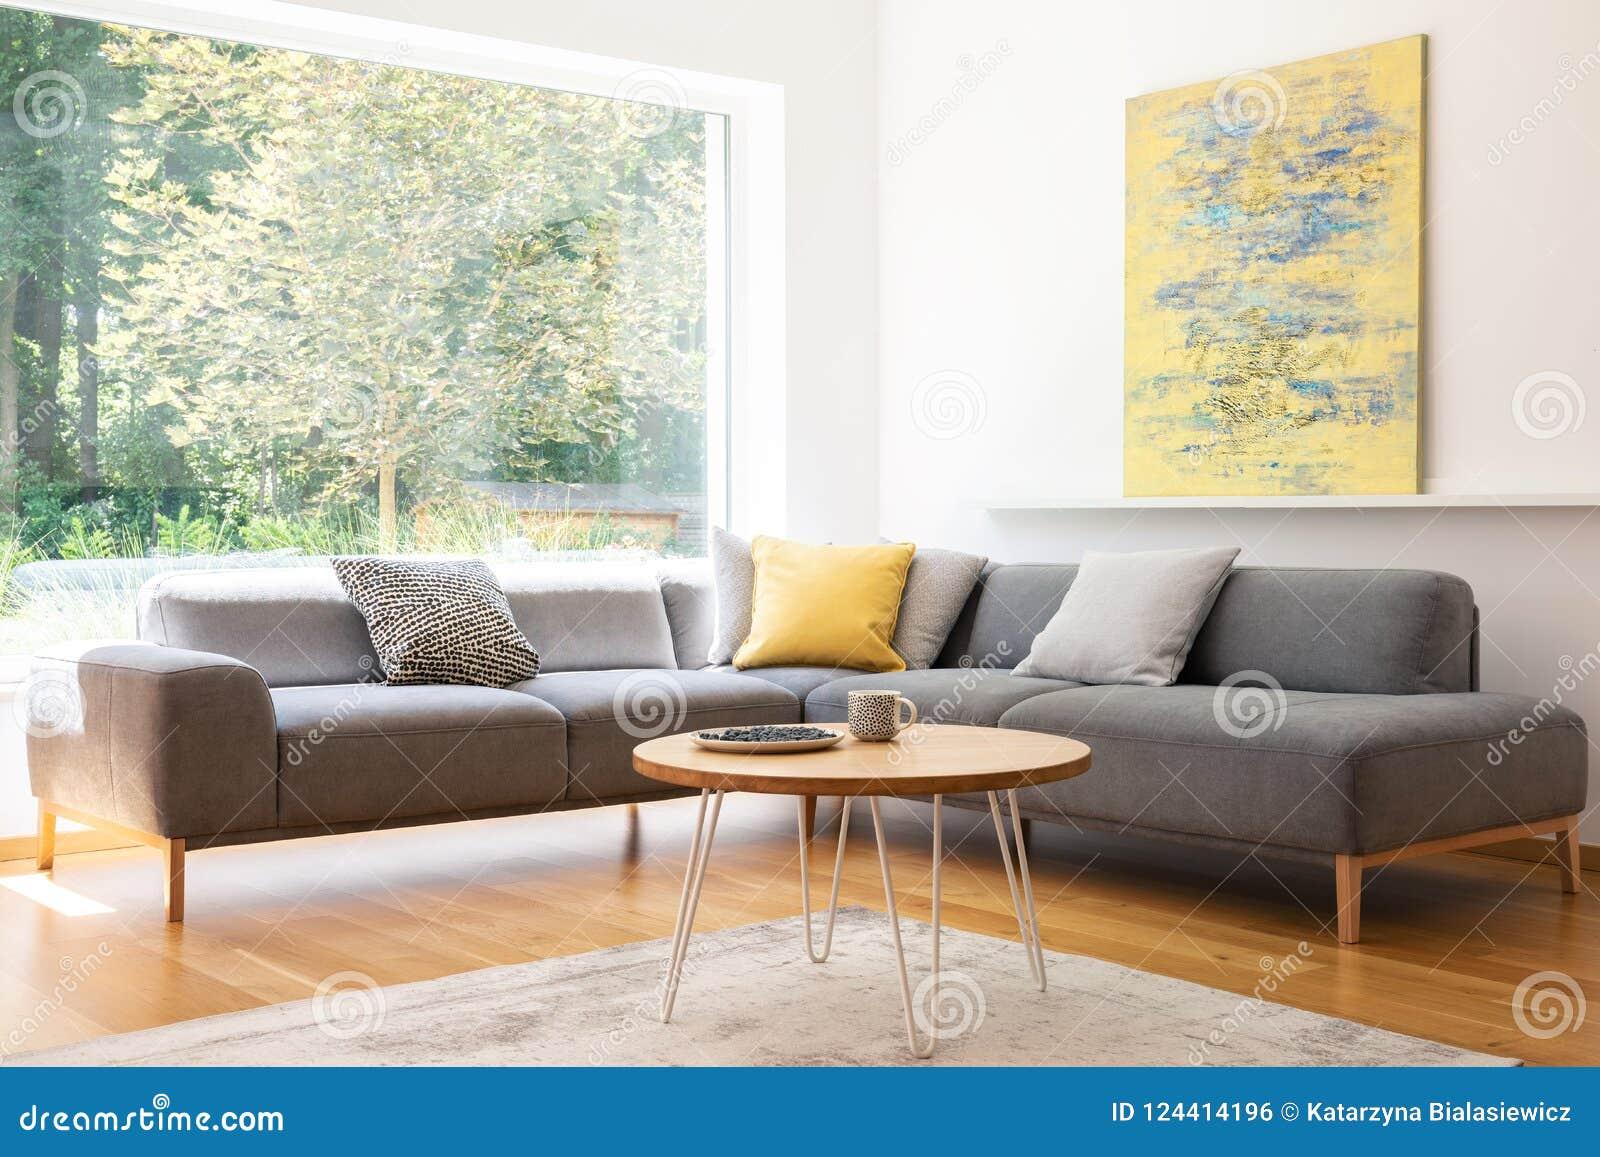 Coussins sur le divan faisant le coin gris dans l esprit lumineux d intérieur de salon